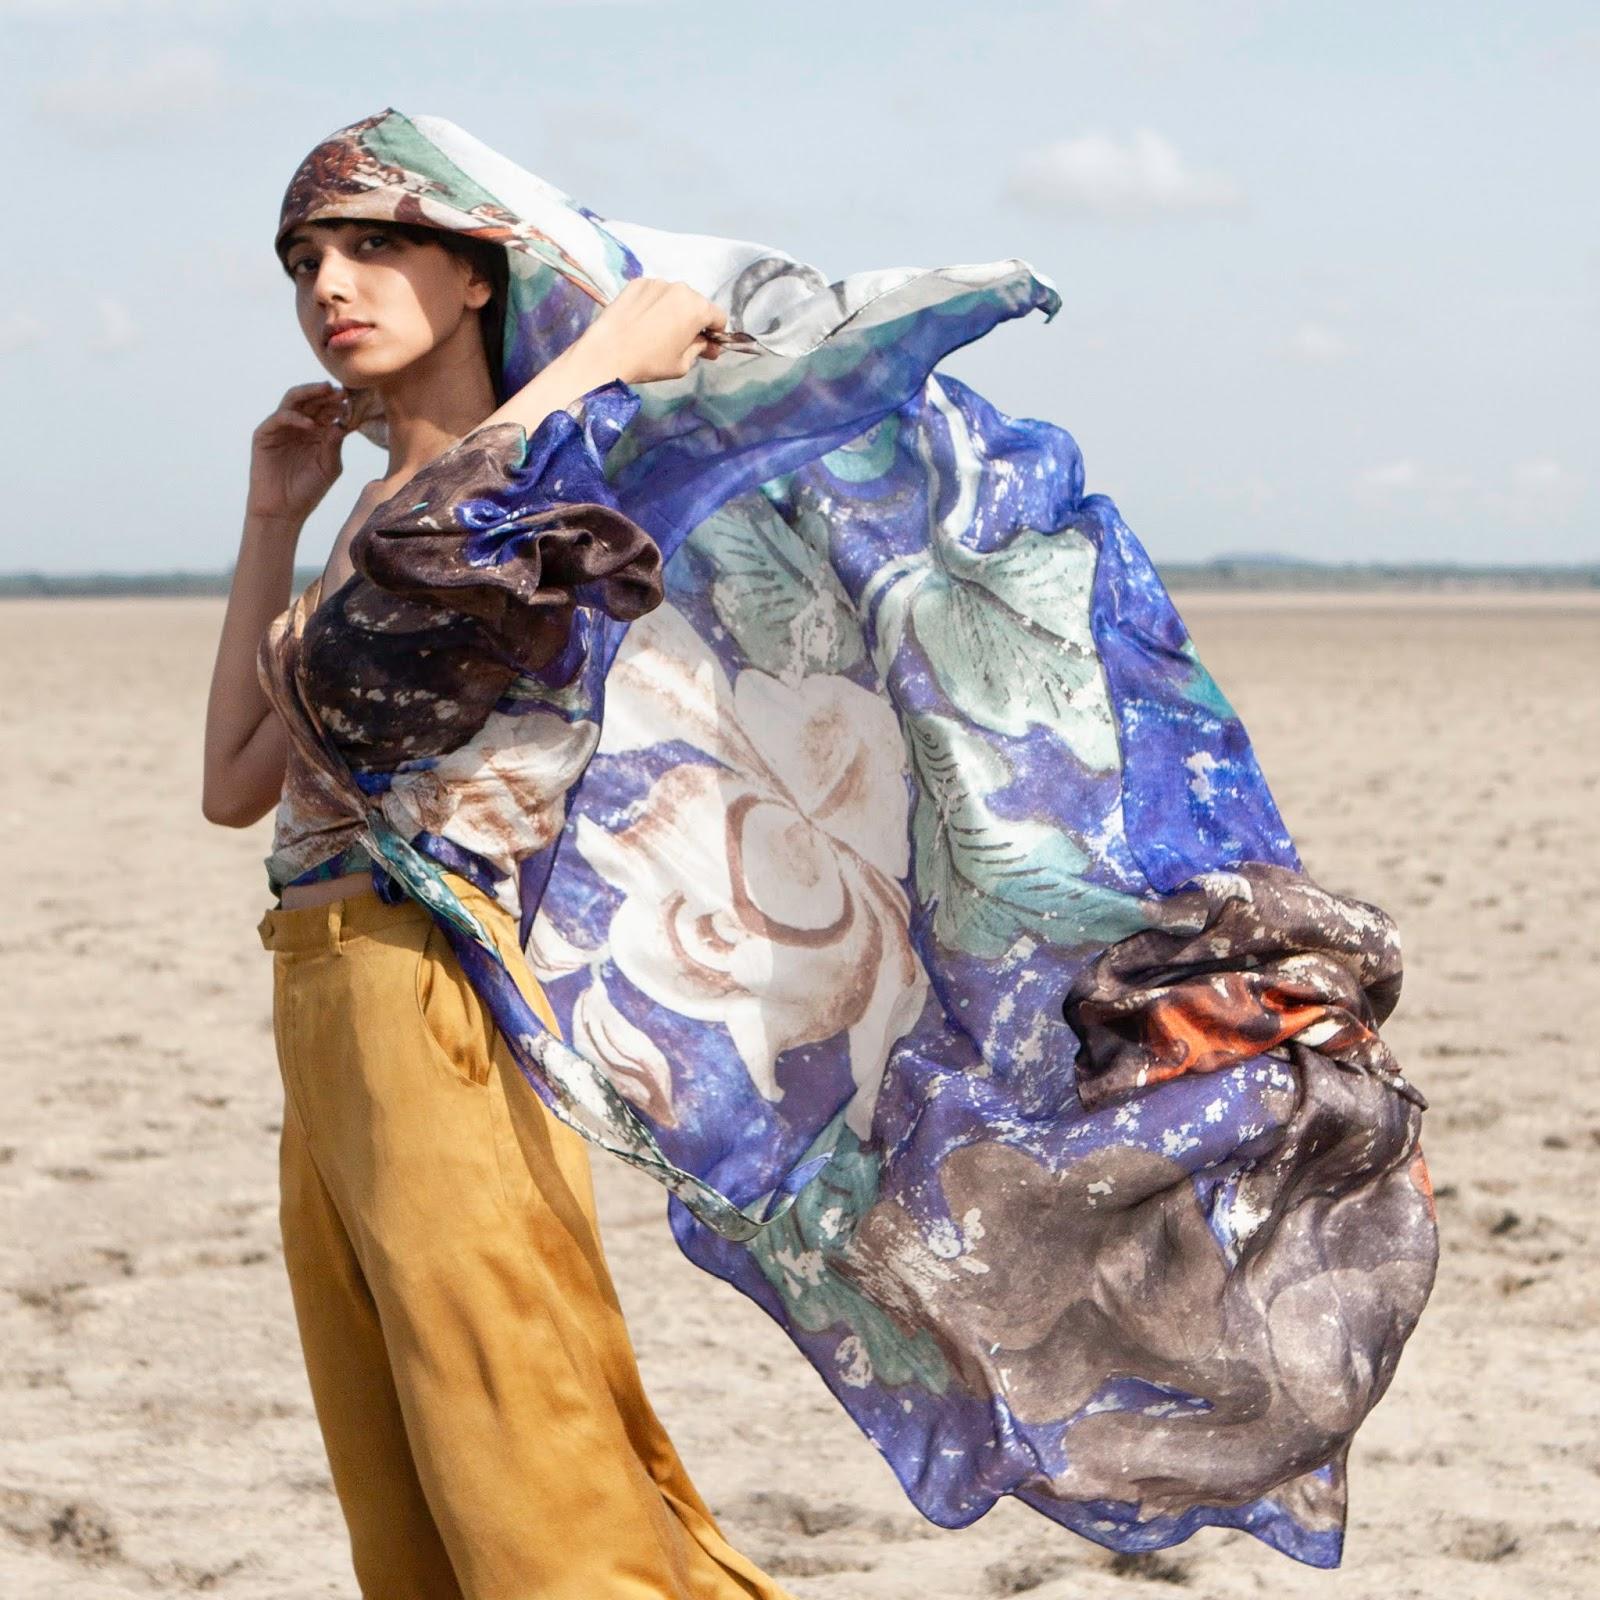 Pantalones de seda mostaza junto a blusa y pañuelo estampado de seda de colección  Ladakh de XAD